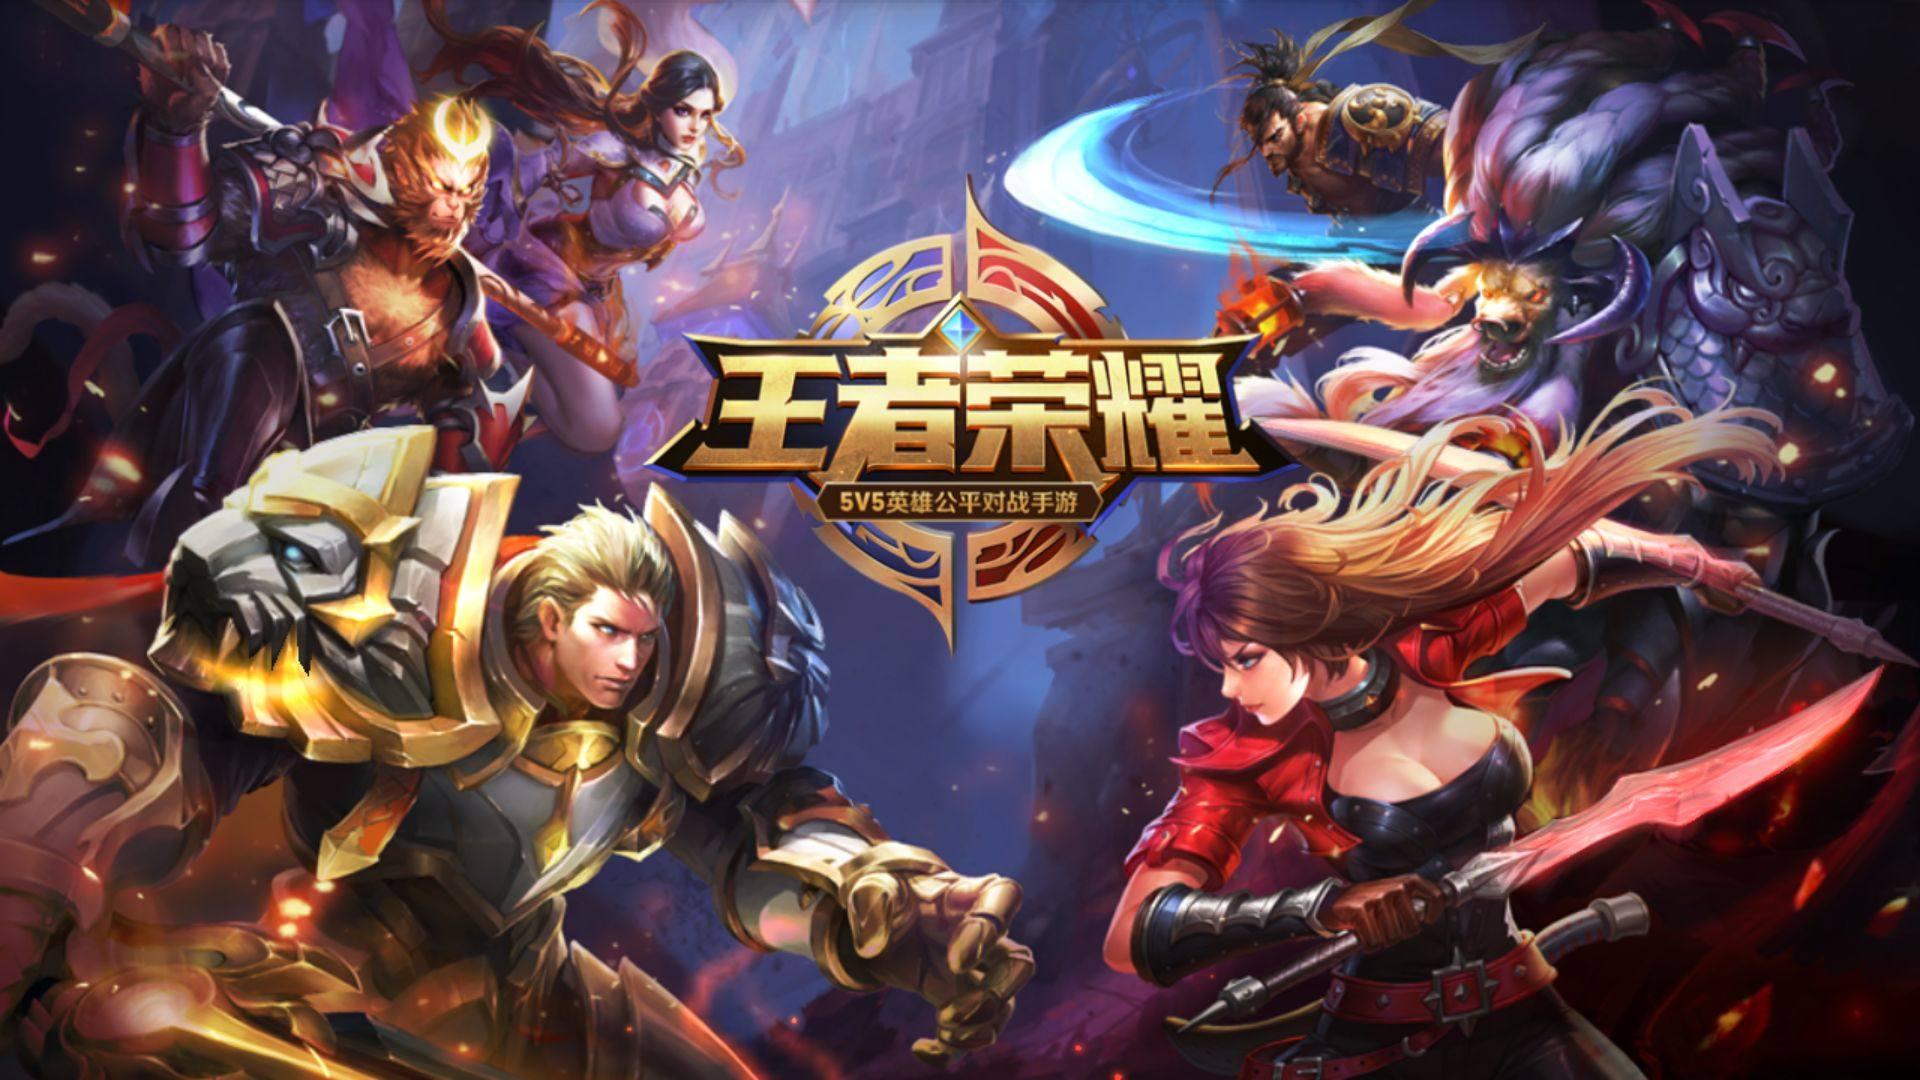 2018年1-3月移动游戏产业报告发布:TOP50中腾讯网易占八成